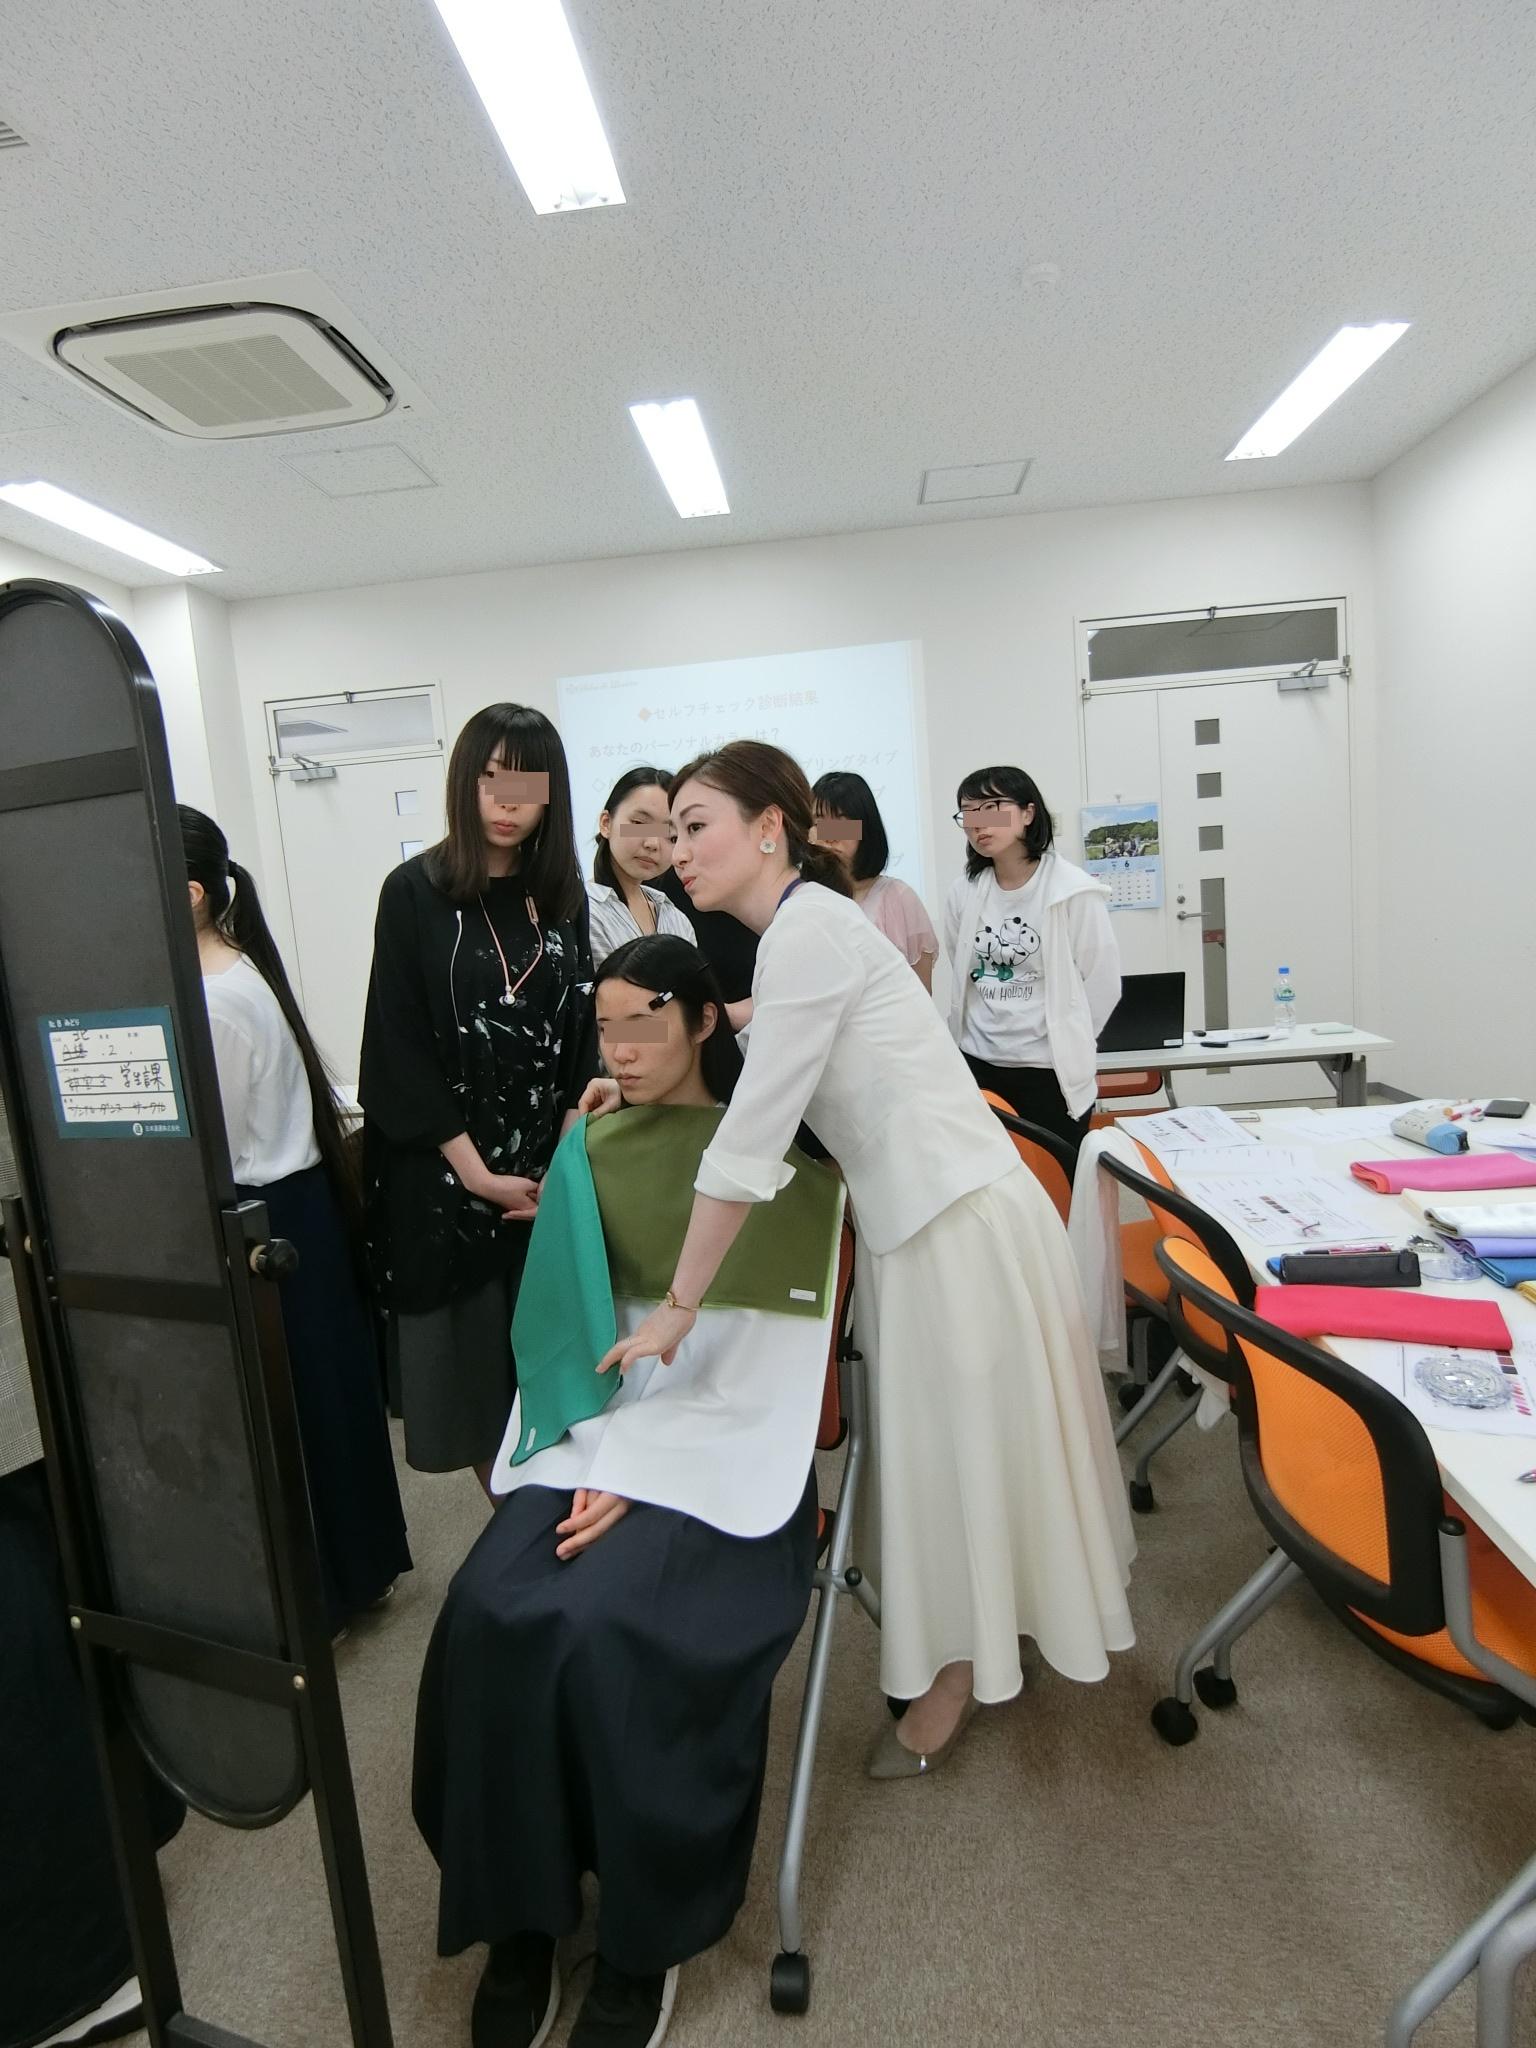 某女子大学でのパーソナルカラー講座byパーソナルビューティーカラー研究所 サロン・ド・ルミエール